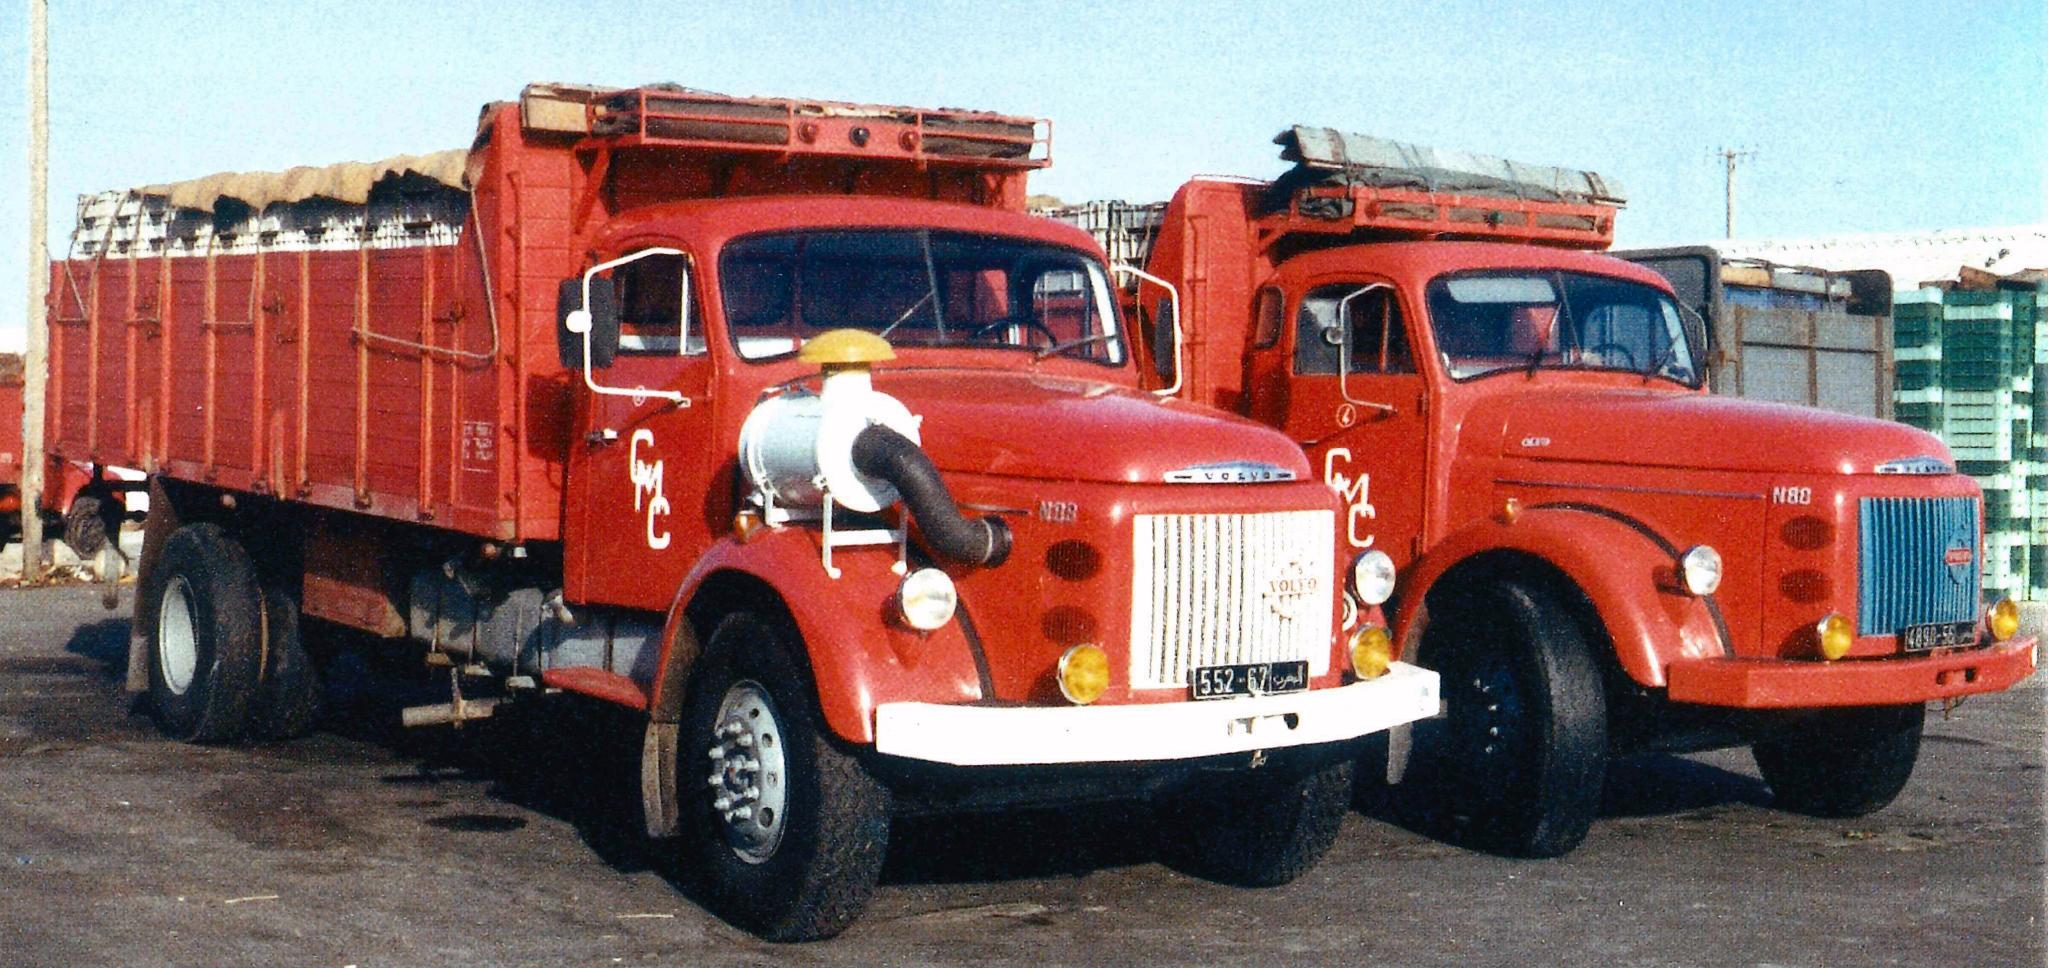 Transport Routier au Maroc - Histoire 49779999477_5074475e19_o_d